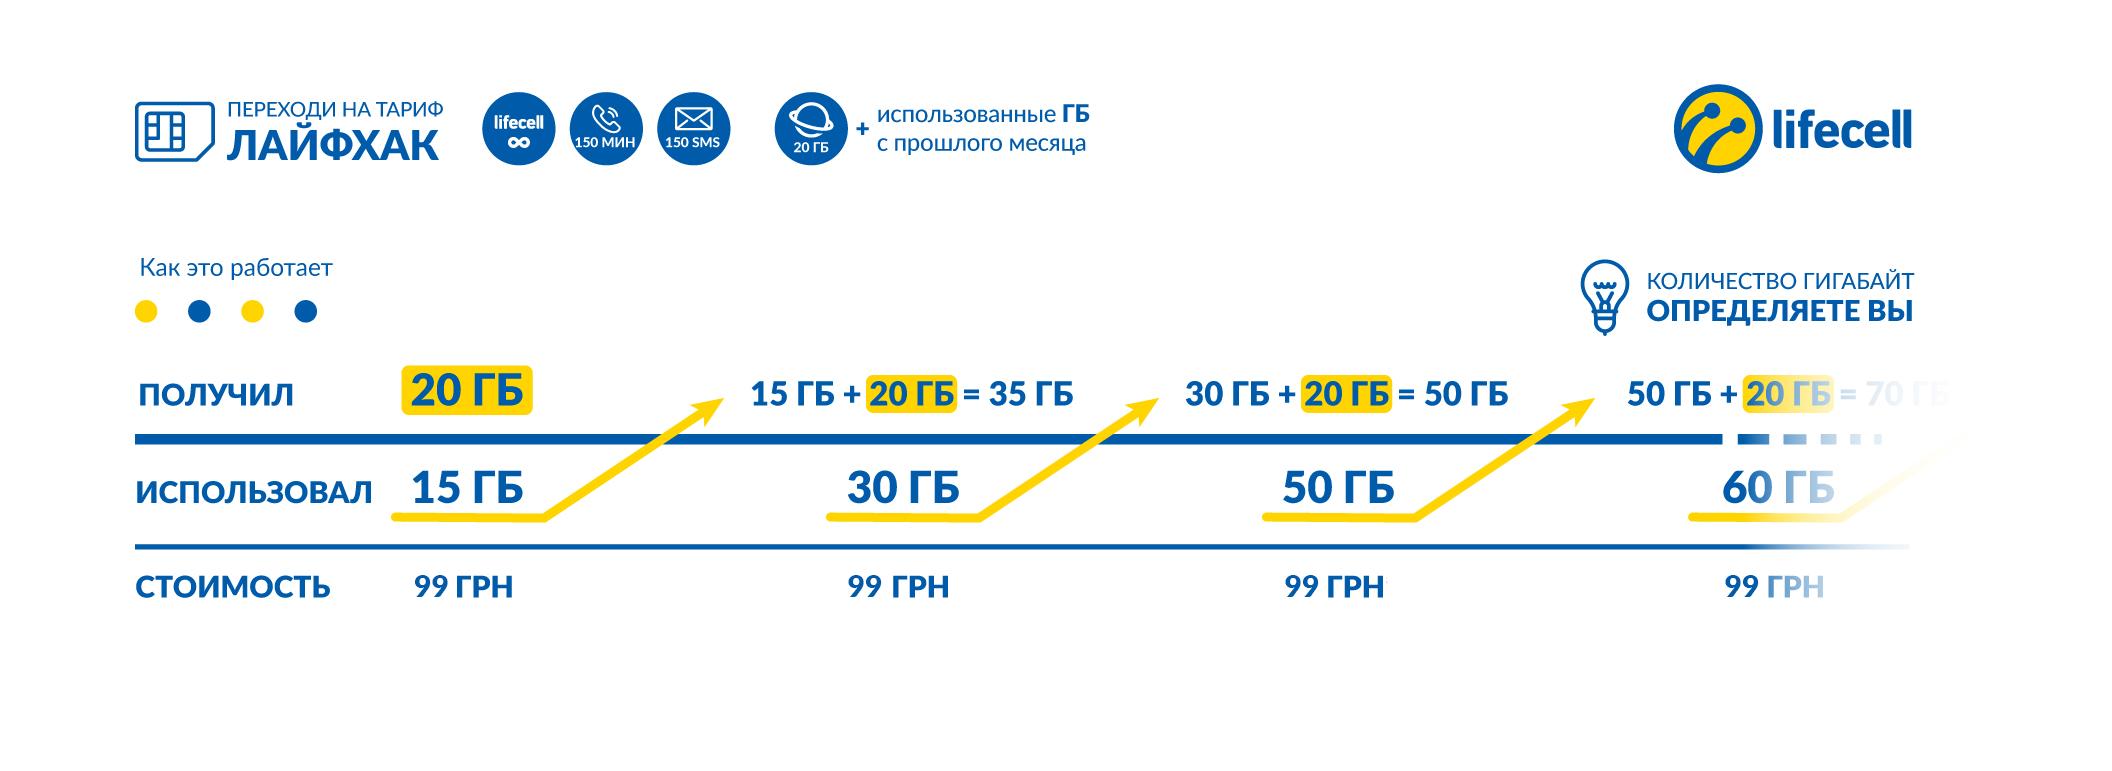 Схема начисления трафика в пакете Лайфхак